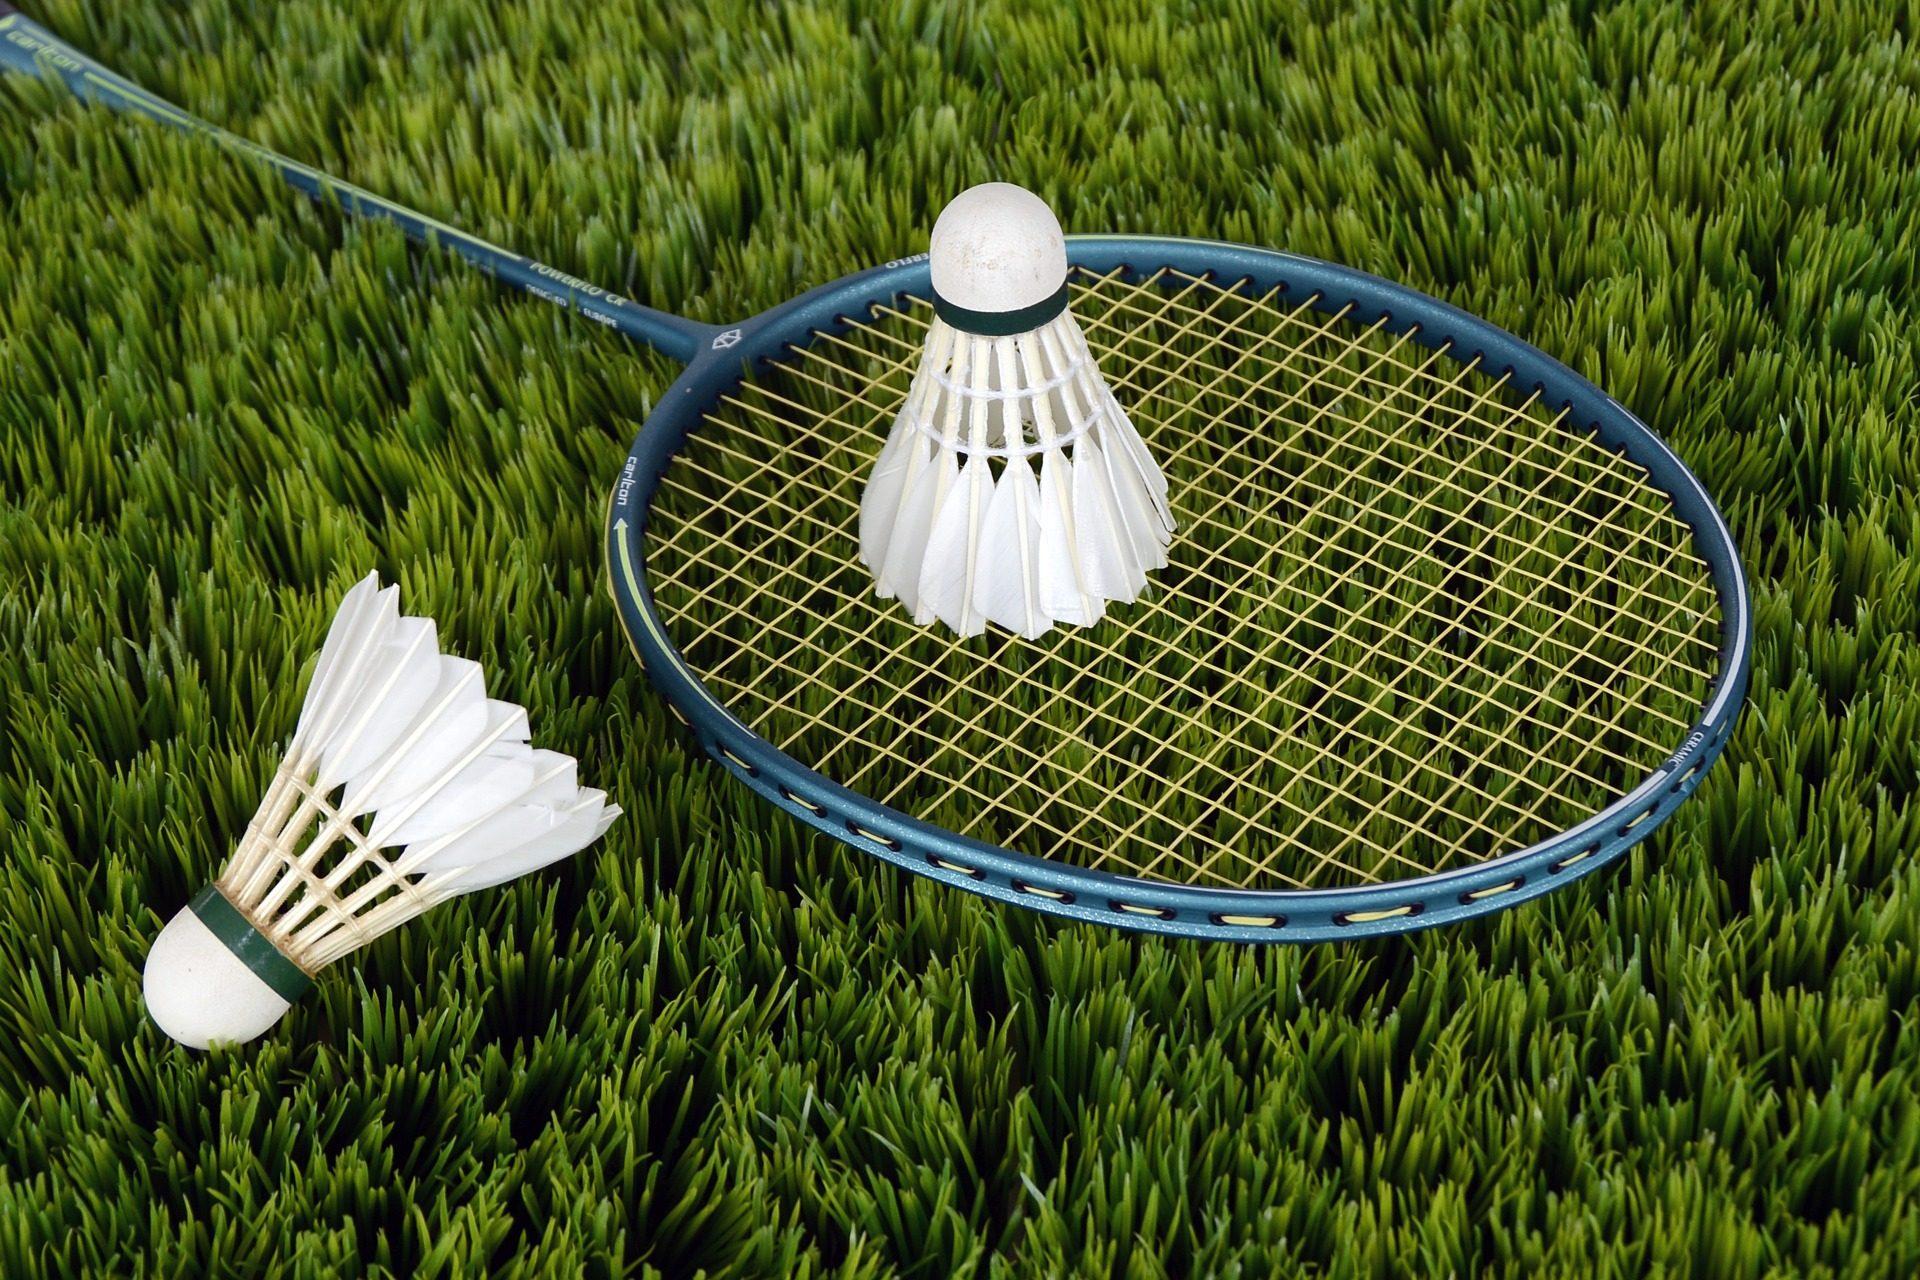 羽毛球, 球拍, 竞争, 羽毛, 草坪 - 高清壁纸 - 教授-falken.com